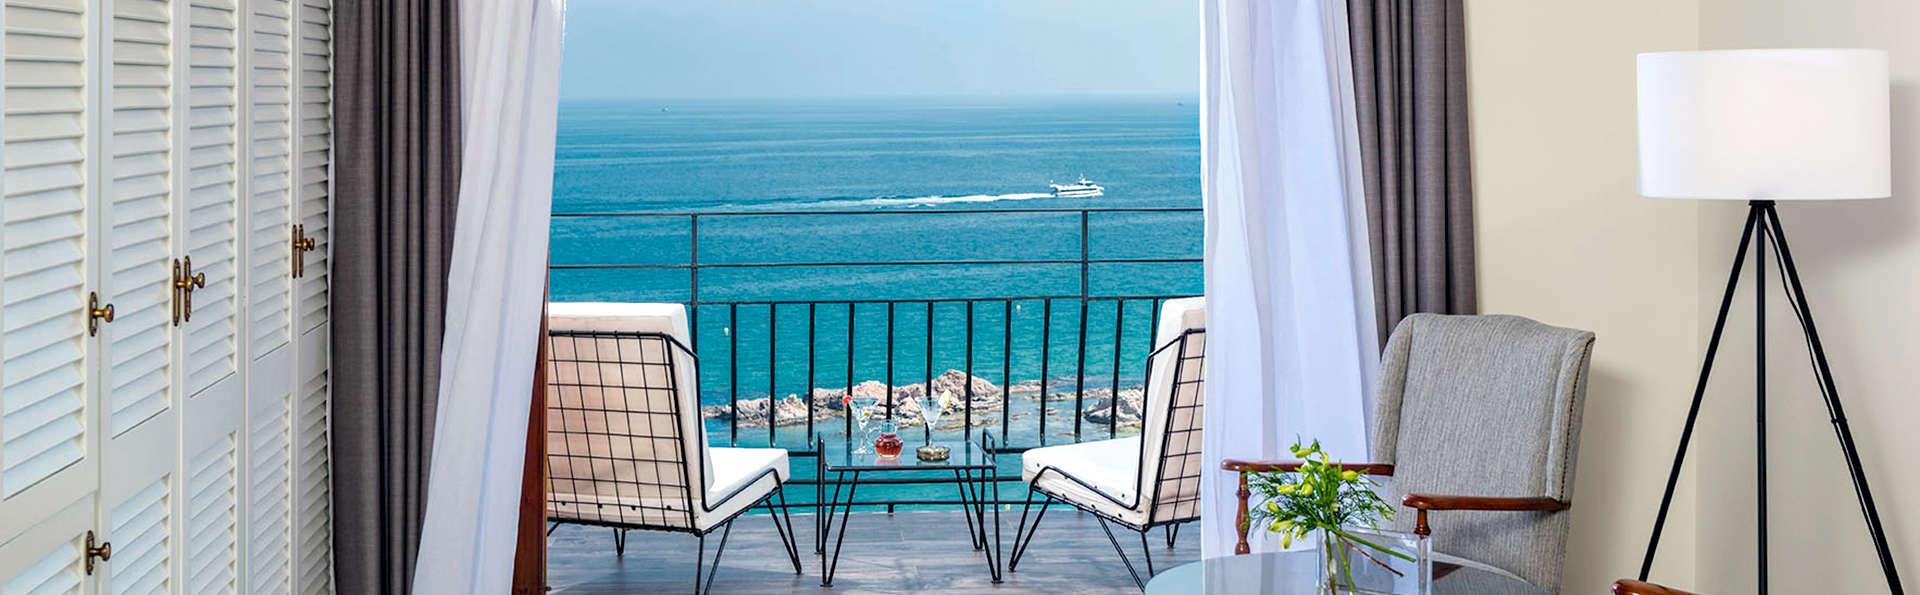 Escapada Premium 5* en Costa Brava: Habitación vistas al mar frontal , Spa y cena degustación